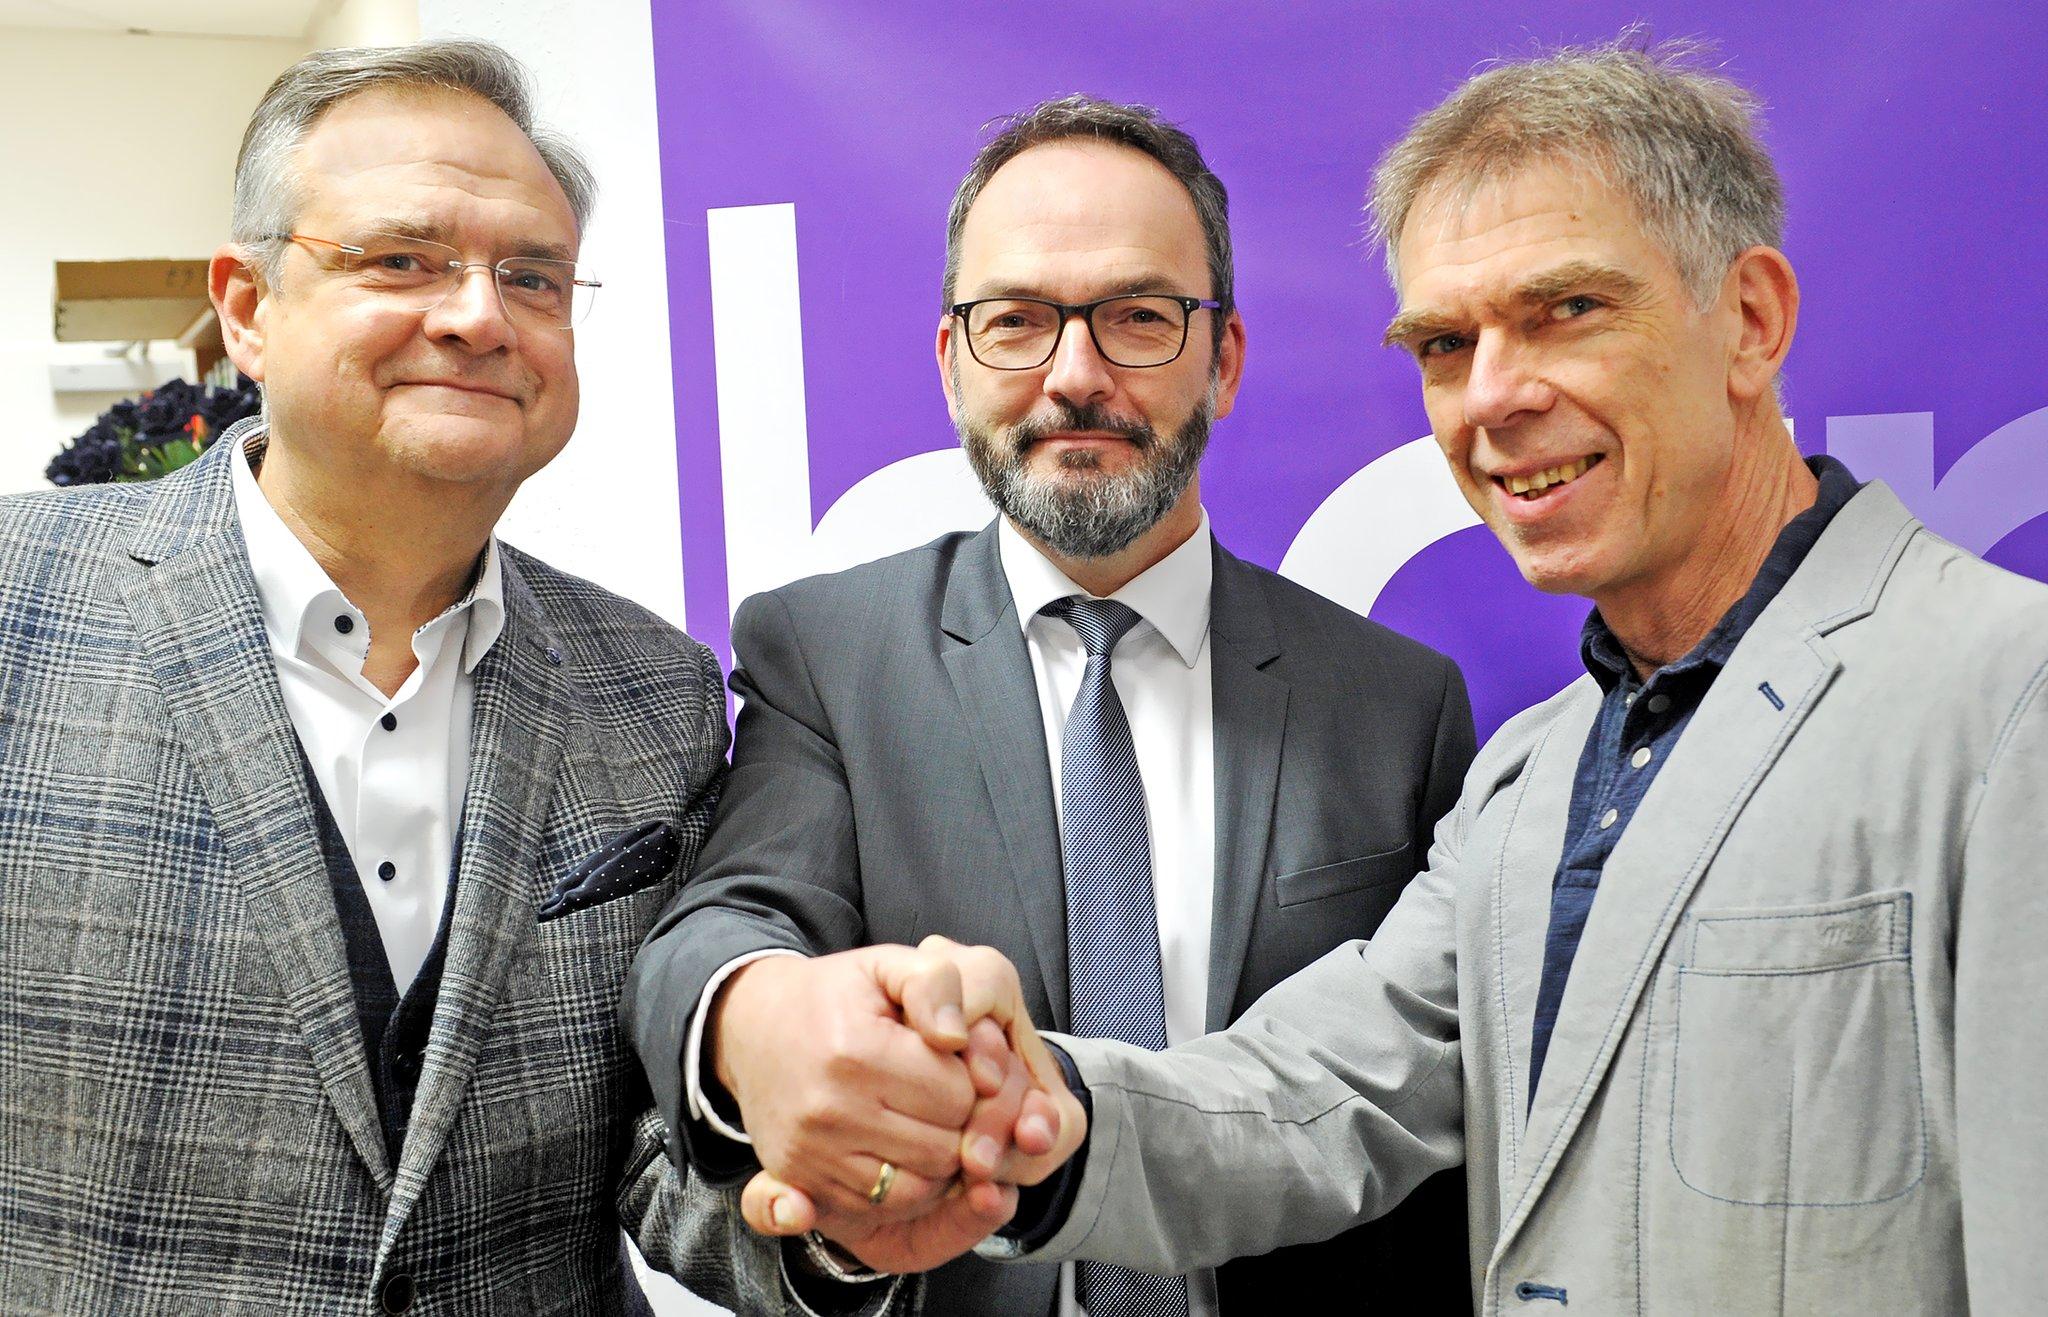 Einstimmiges Votum der Basis: Hildener BA bestätigt Kandidat - Lokalkompass.de